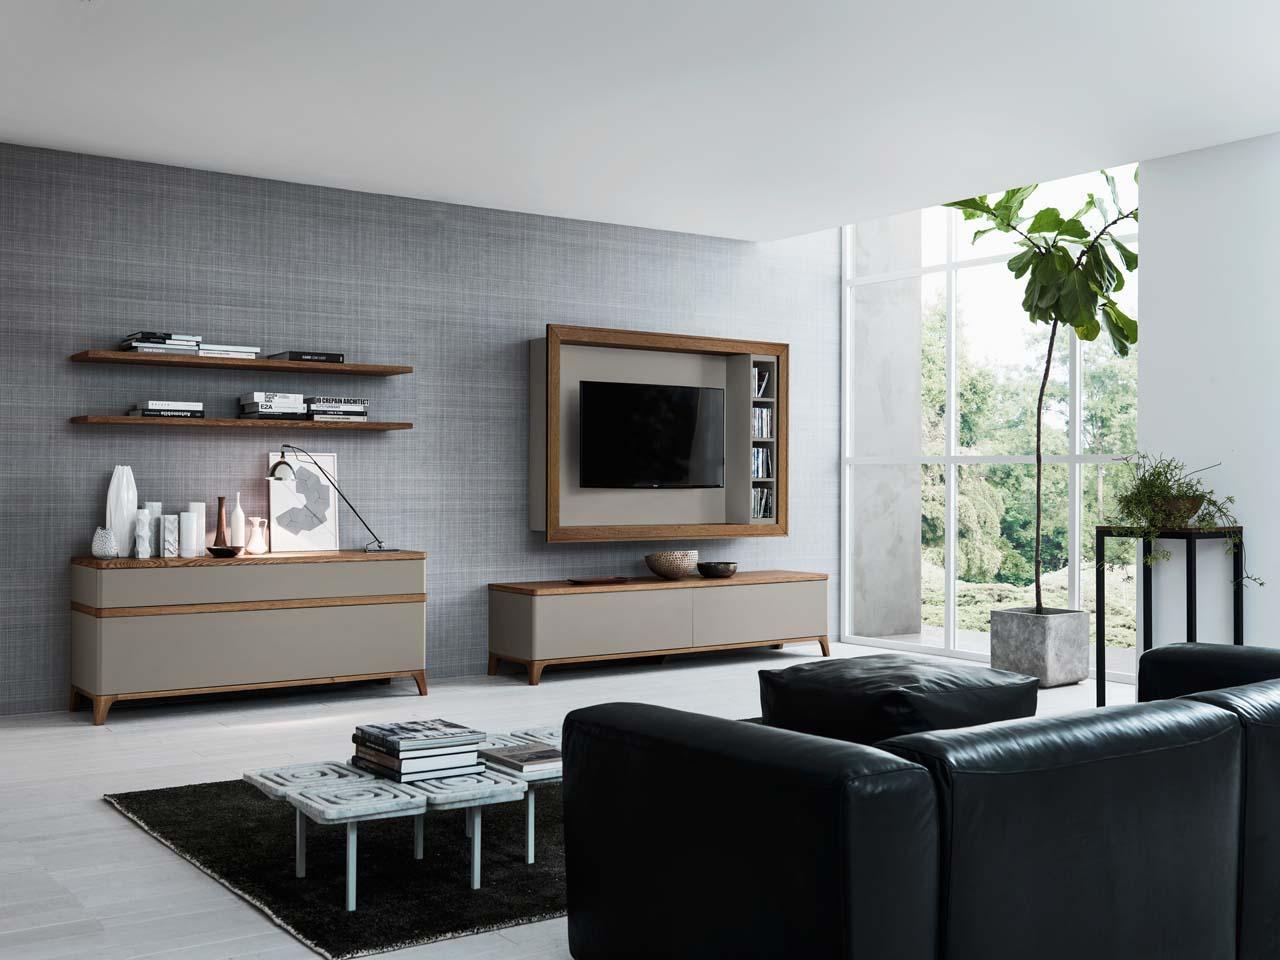 Casaidea tante proposte per rinnovare l appartamento - Casaidea 2016 roma ...